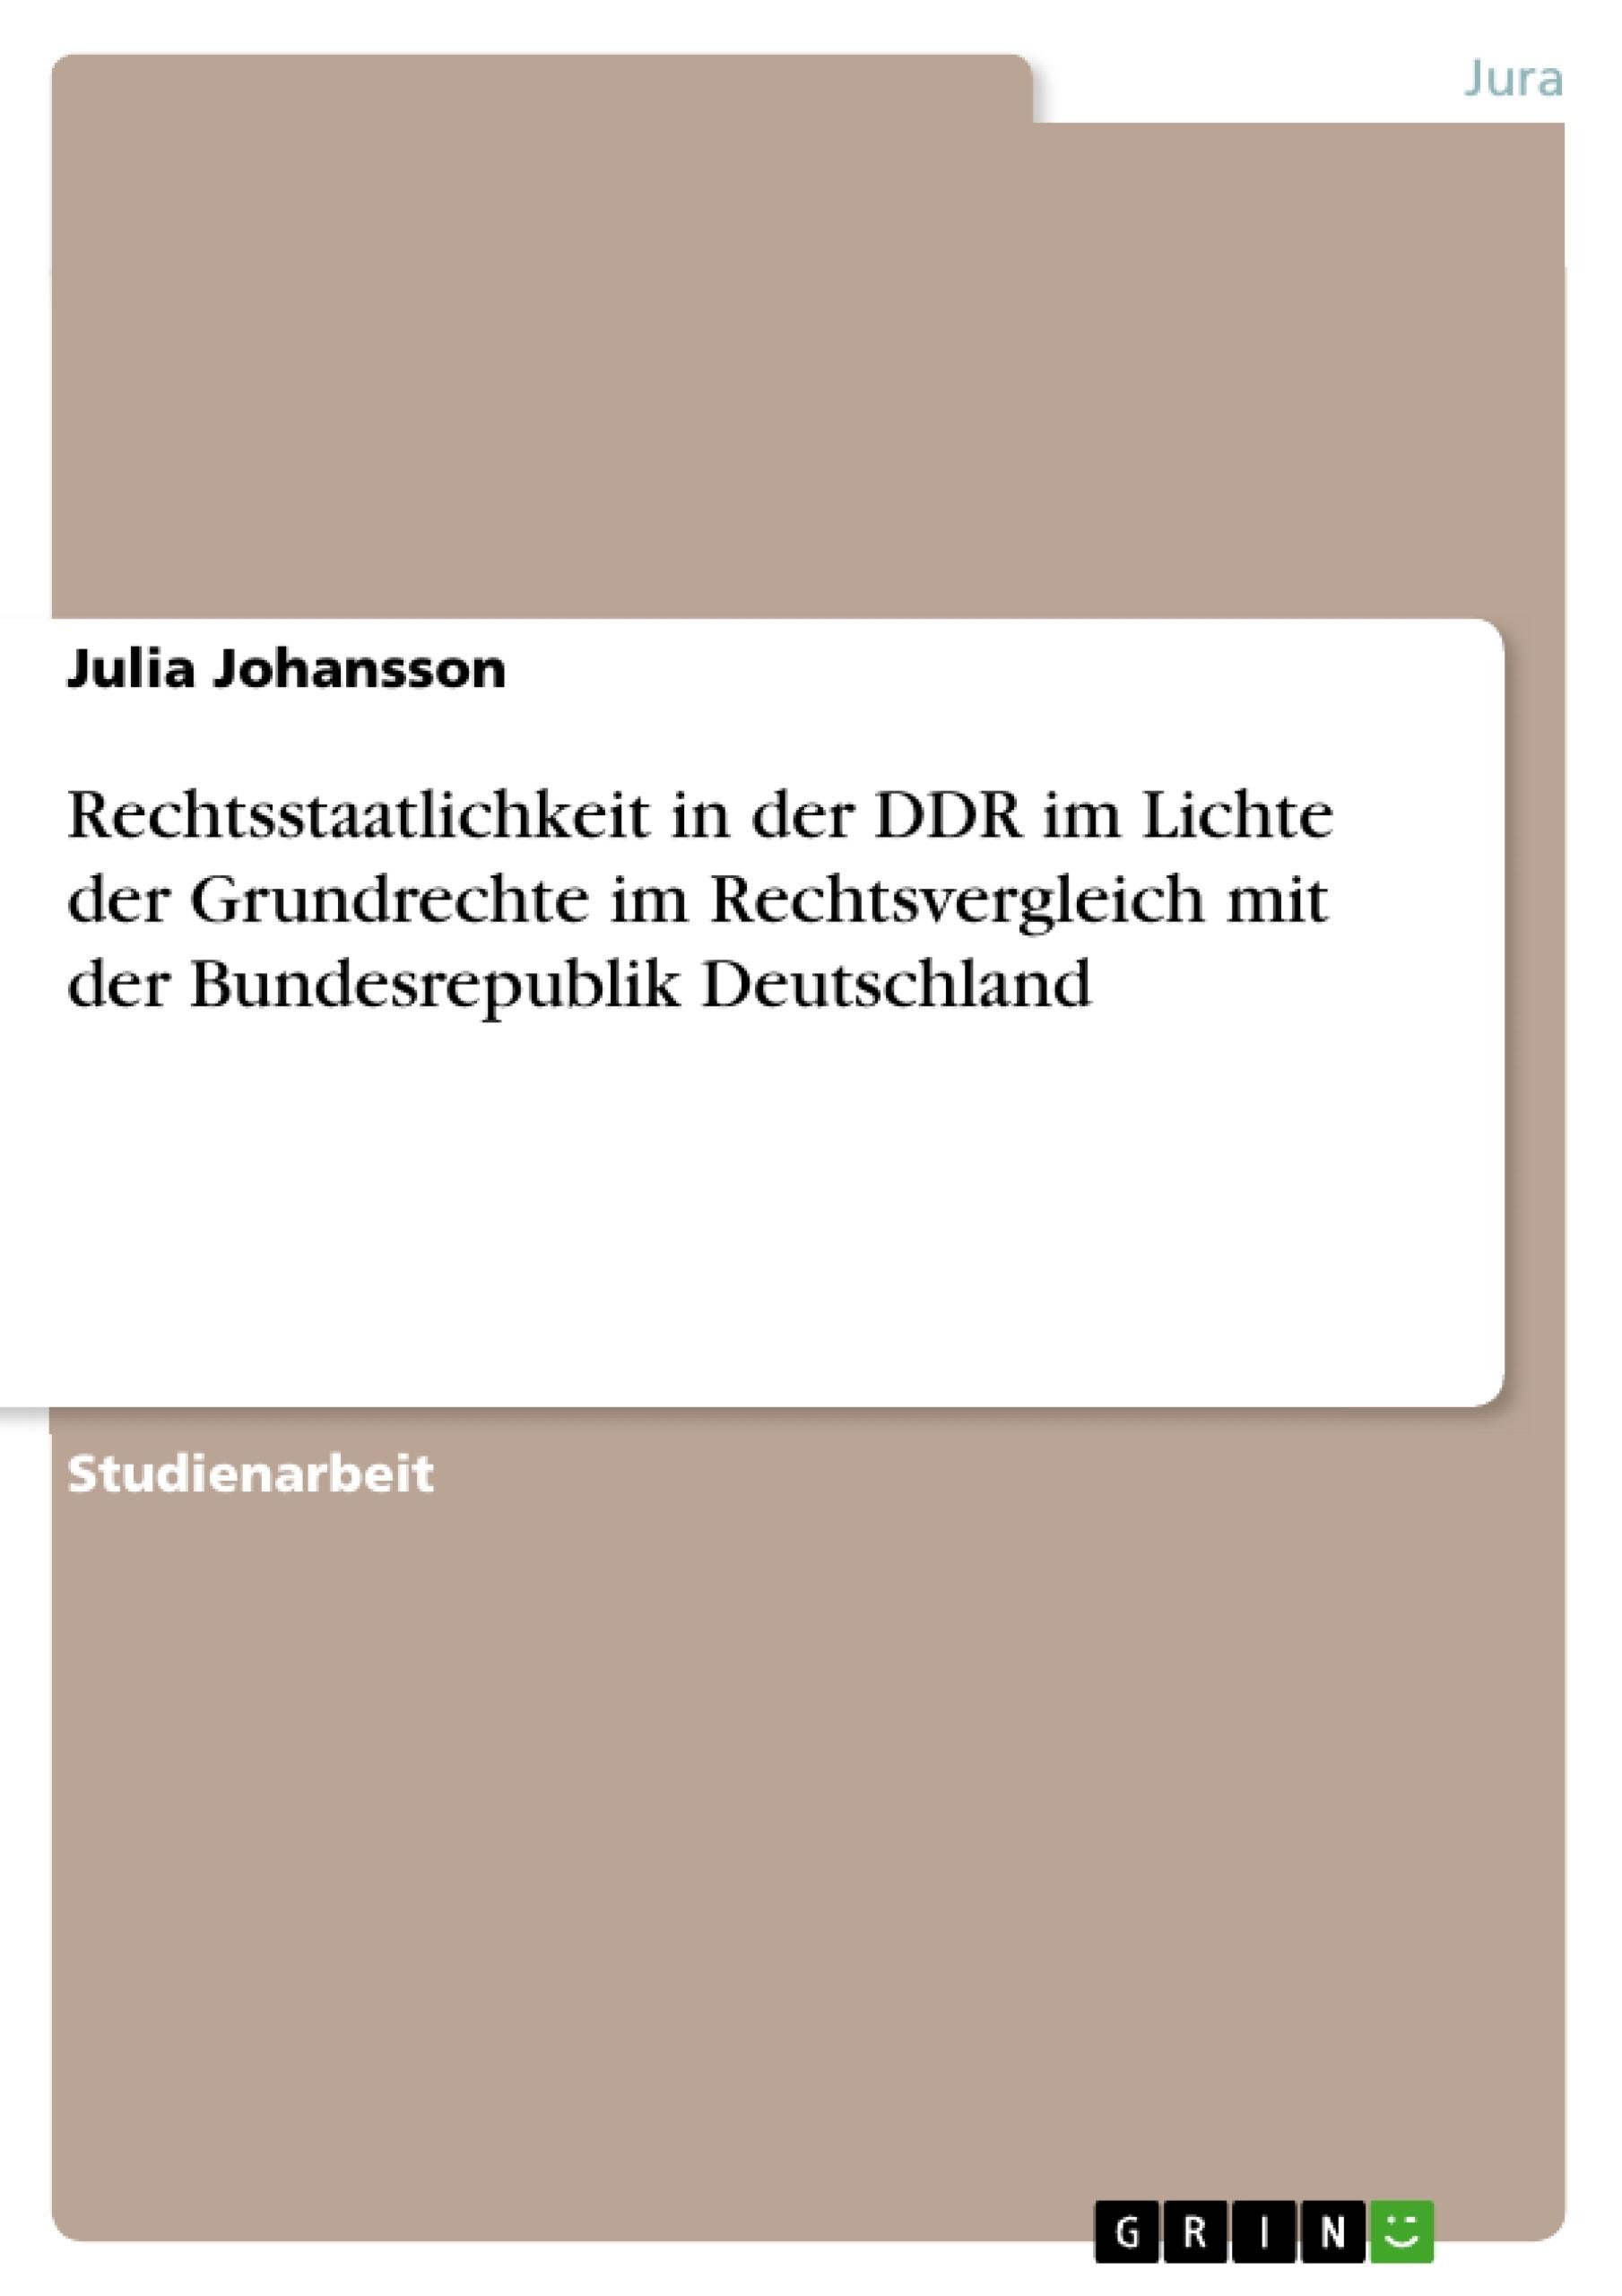 Titel: Rechtsstaatlichkeit in der DDR im Lichte der Grundrechte im Rechtsvergleich mit der Bundesrepublik Deutschland